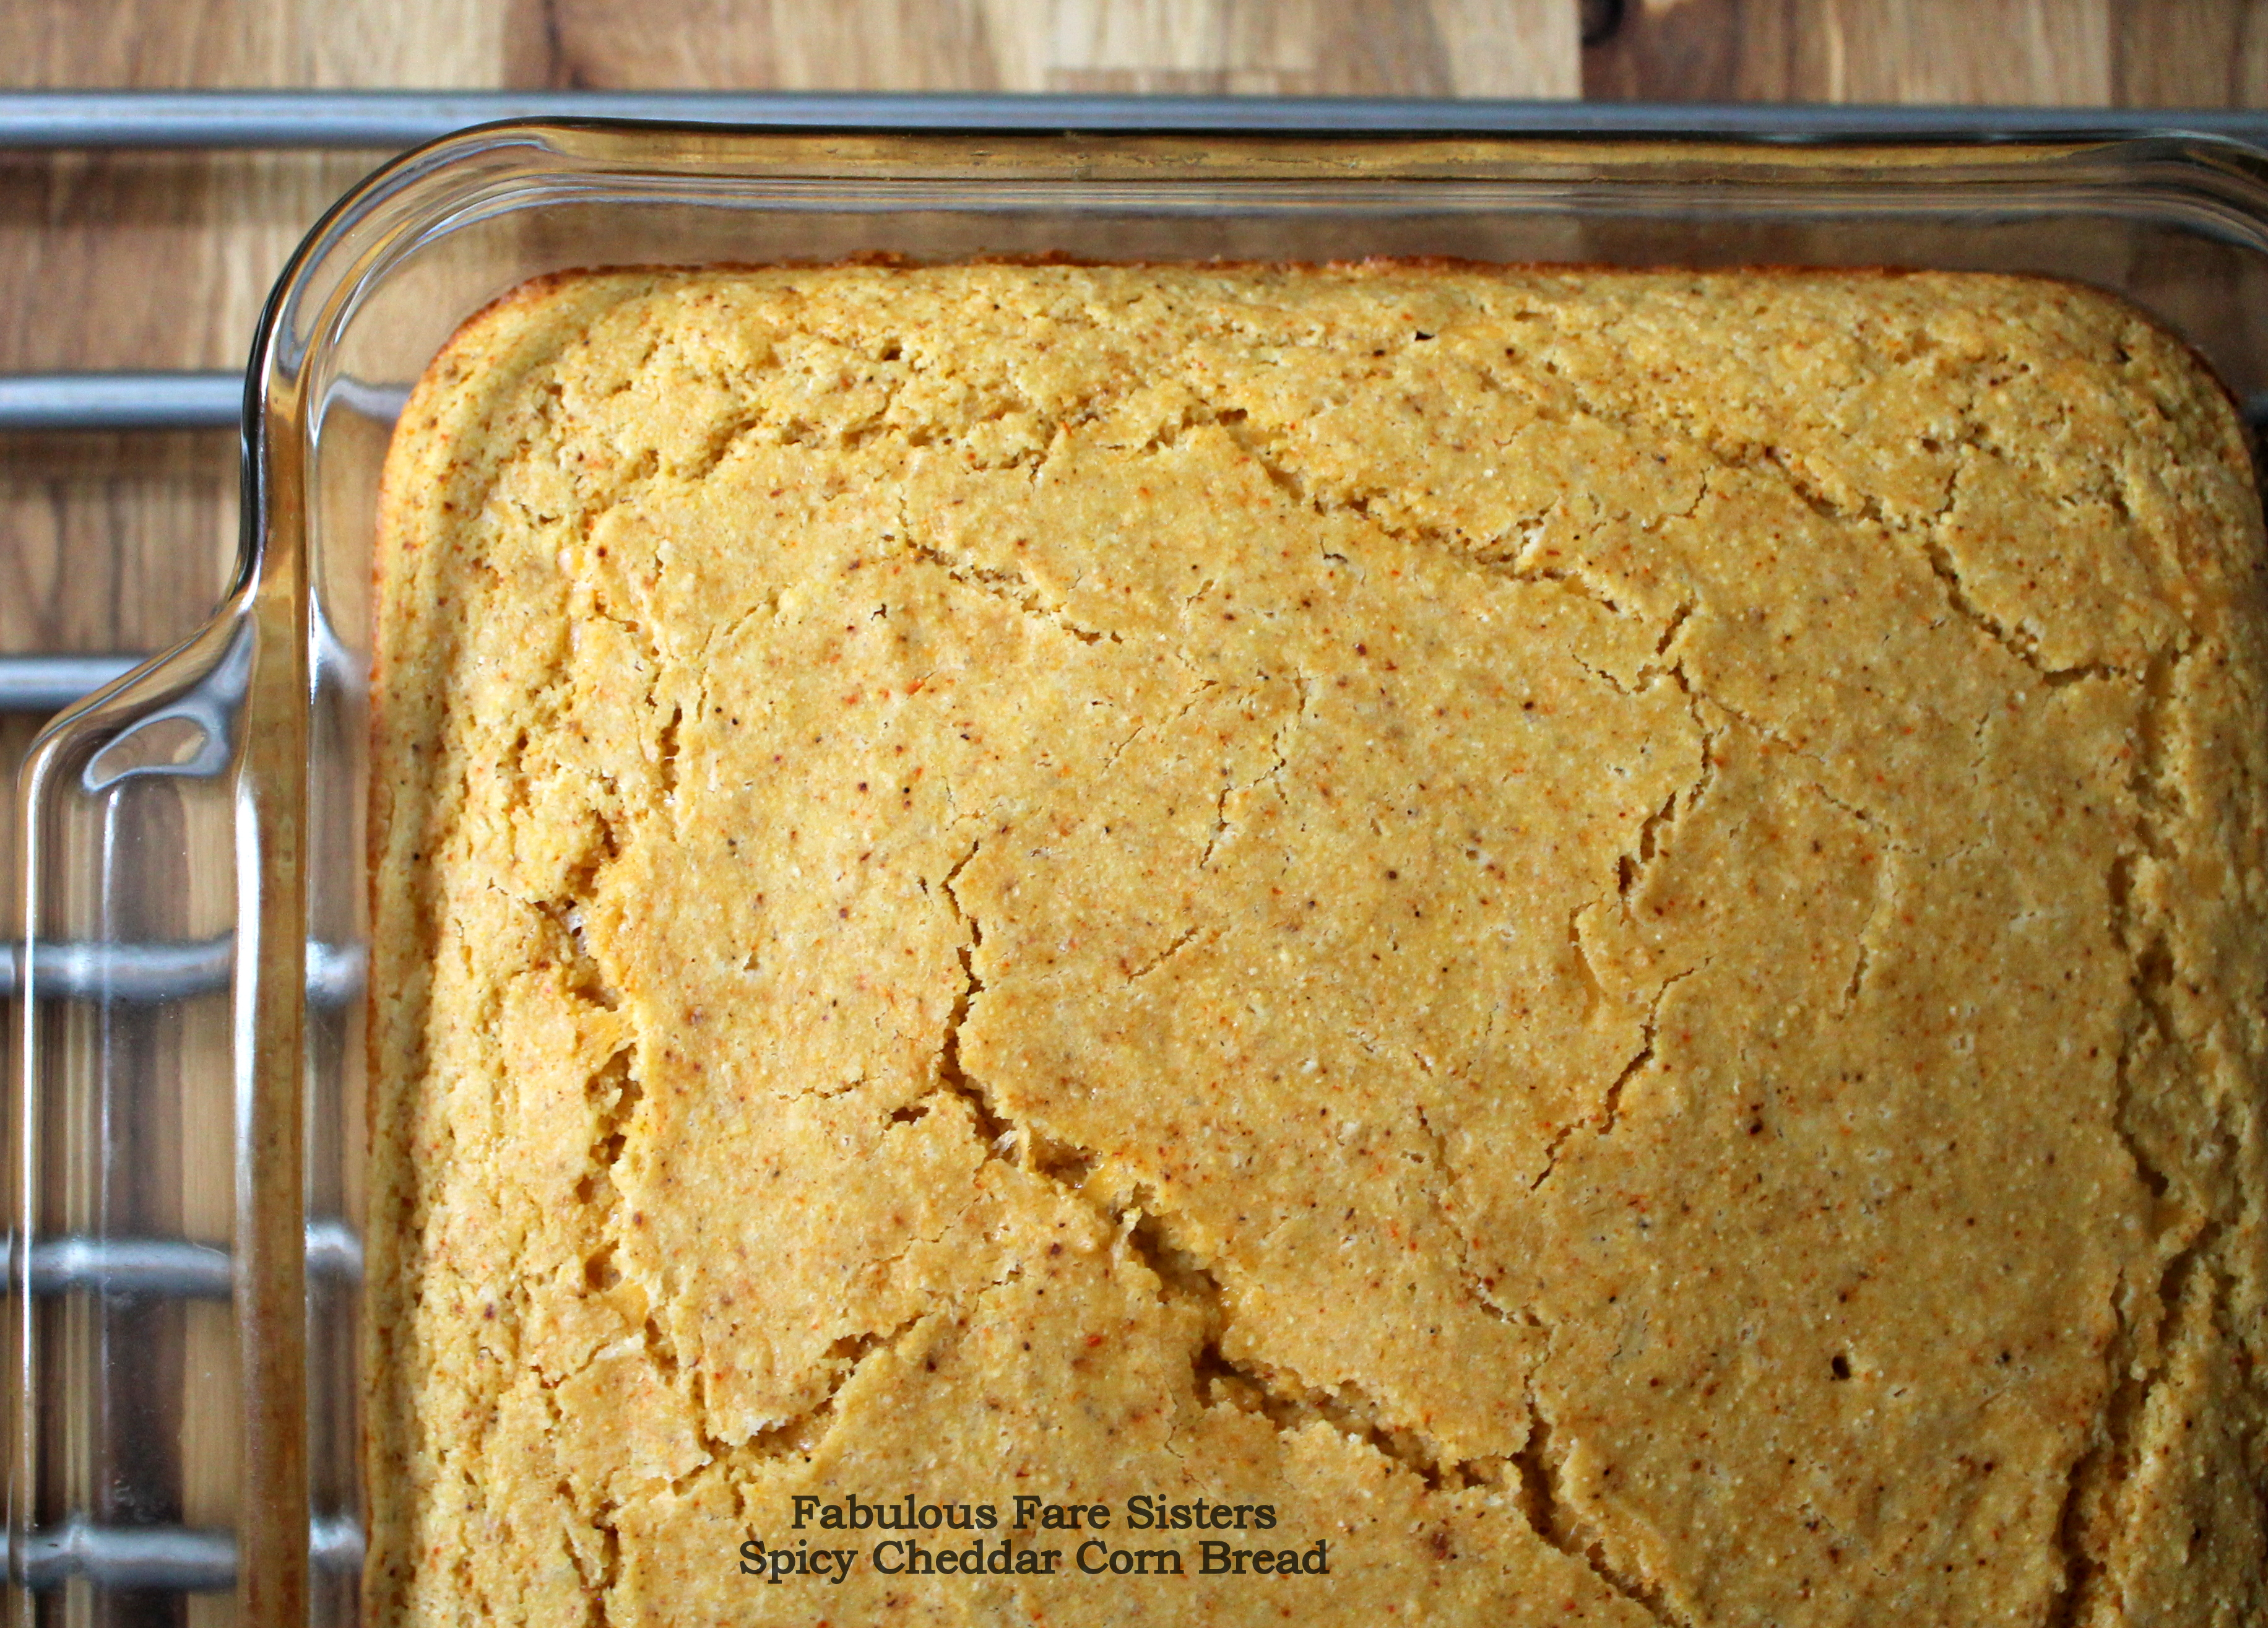 Spicy Cheddar Corn Bread – Fabulous Fare Sisters